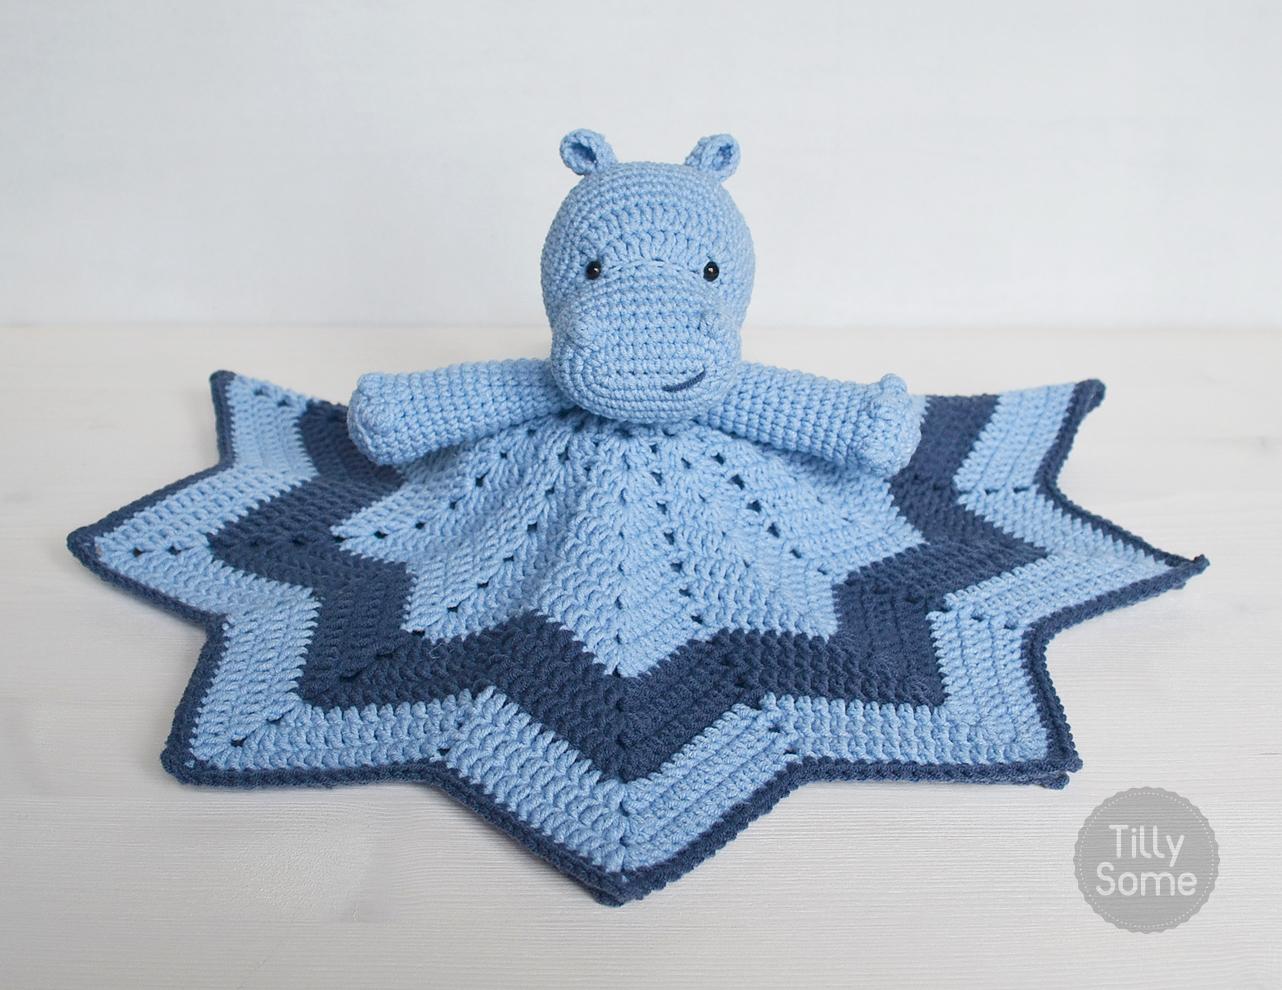 Free Amigurumi Hippo Pattern : Hippo lovey u crochet pattern u tillysome patterns